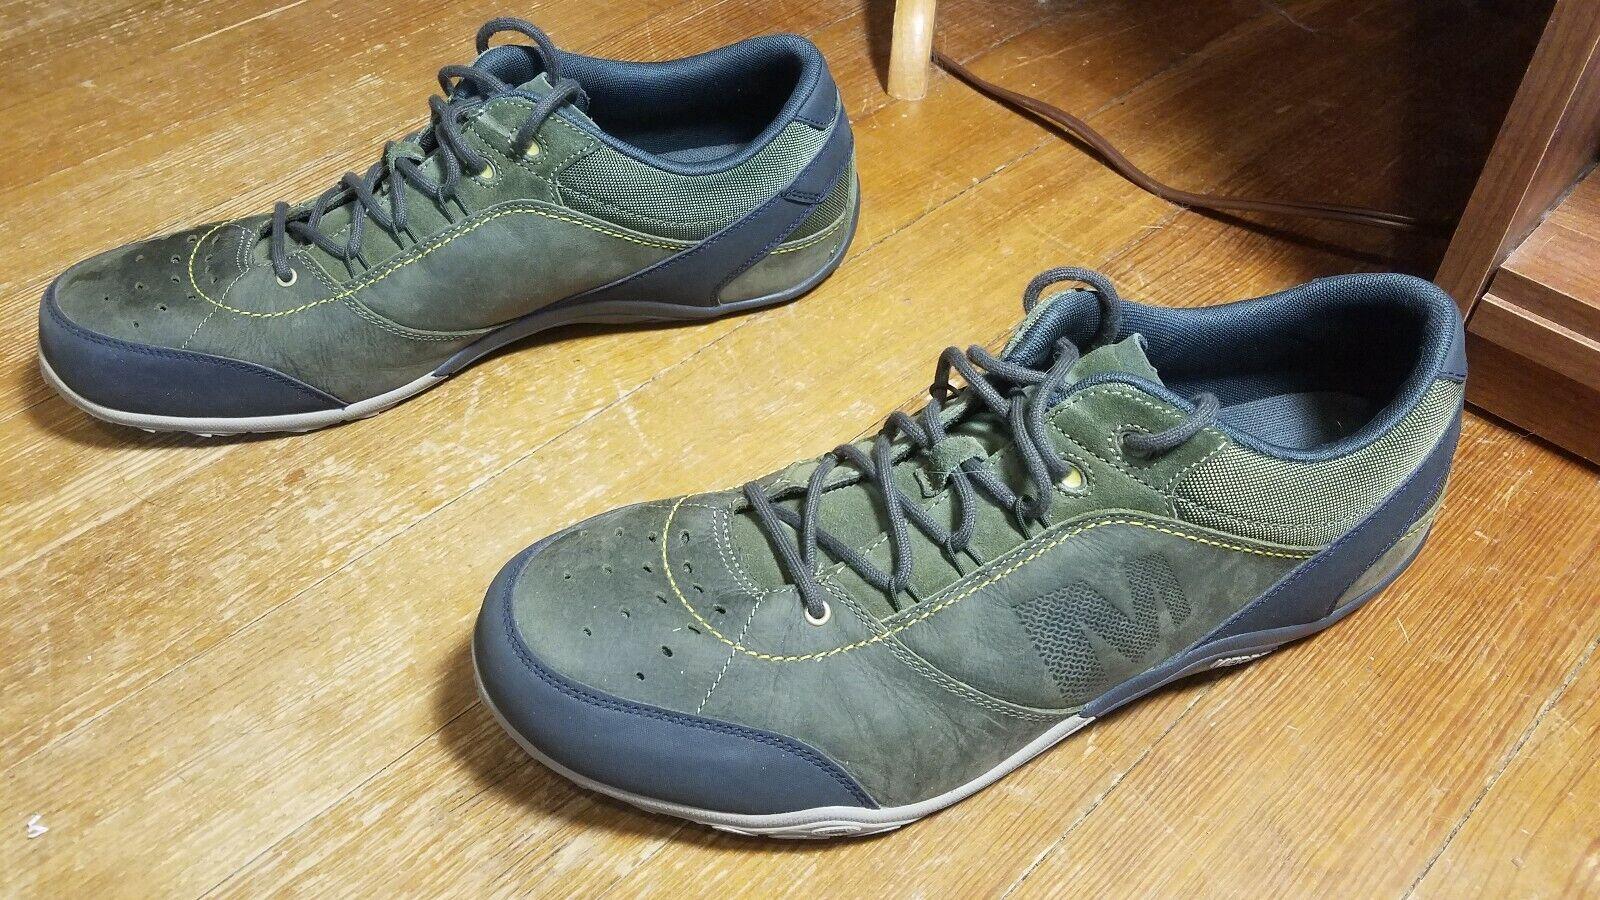 Merrell Homme Chaussures De Sport Taille 15 Baskets Olive foncé couleur sonore